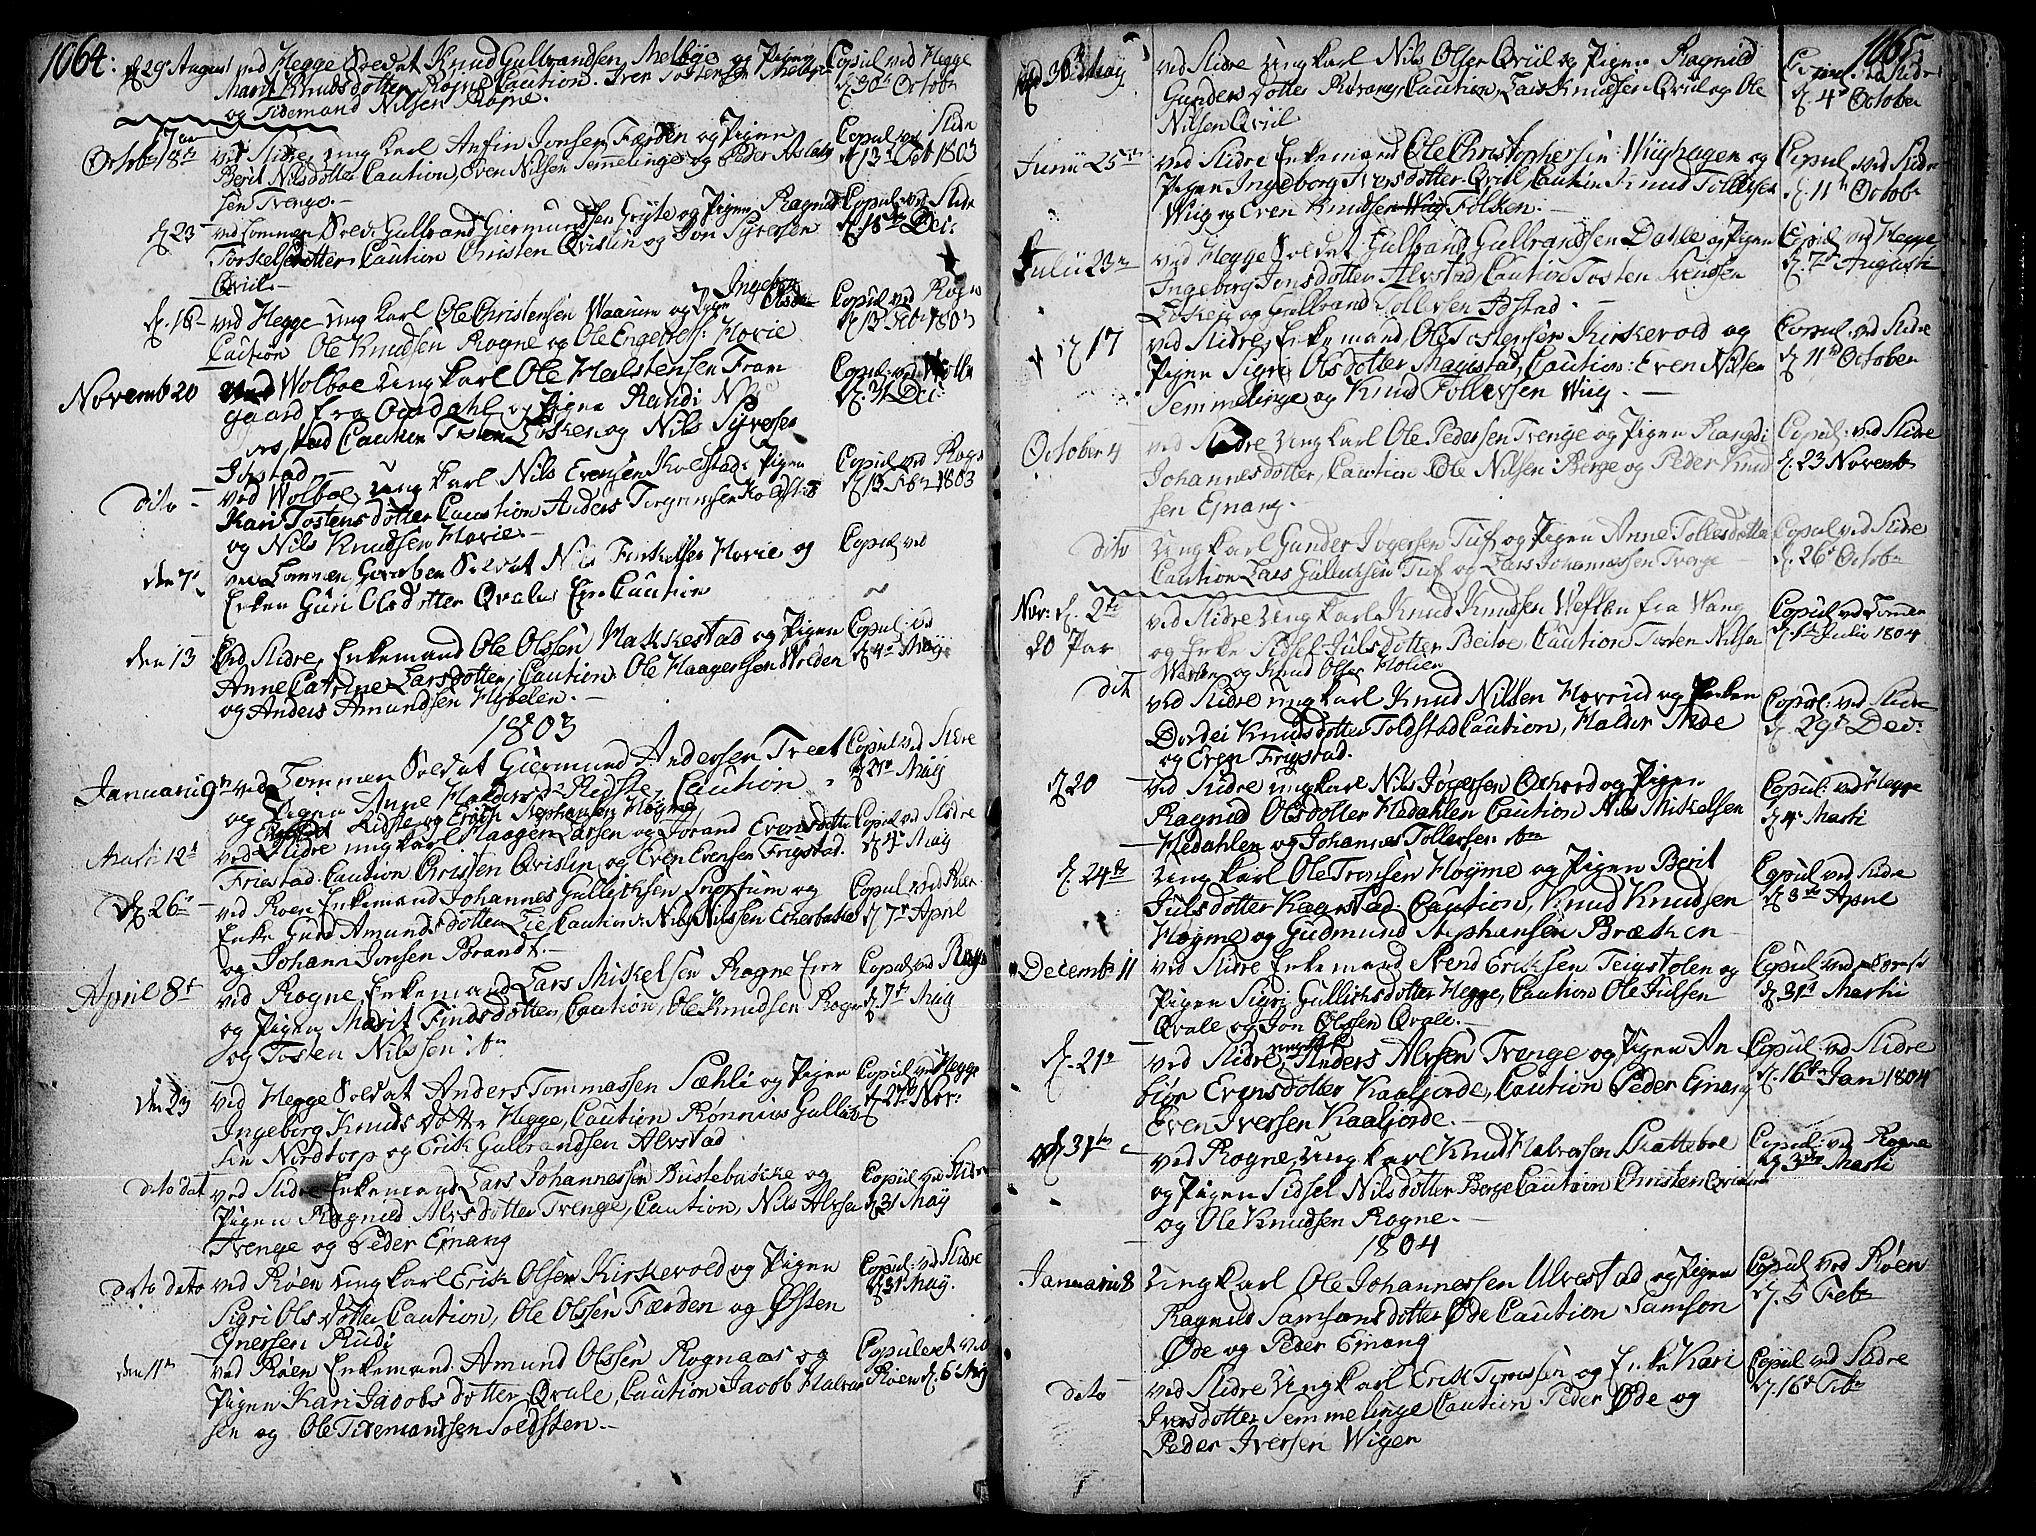 SAH, Slidre prestekontor, Ministerialbok nr. 1, 1724-1814, s. 1064-1065